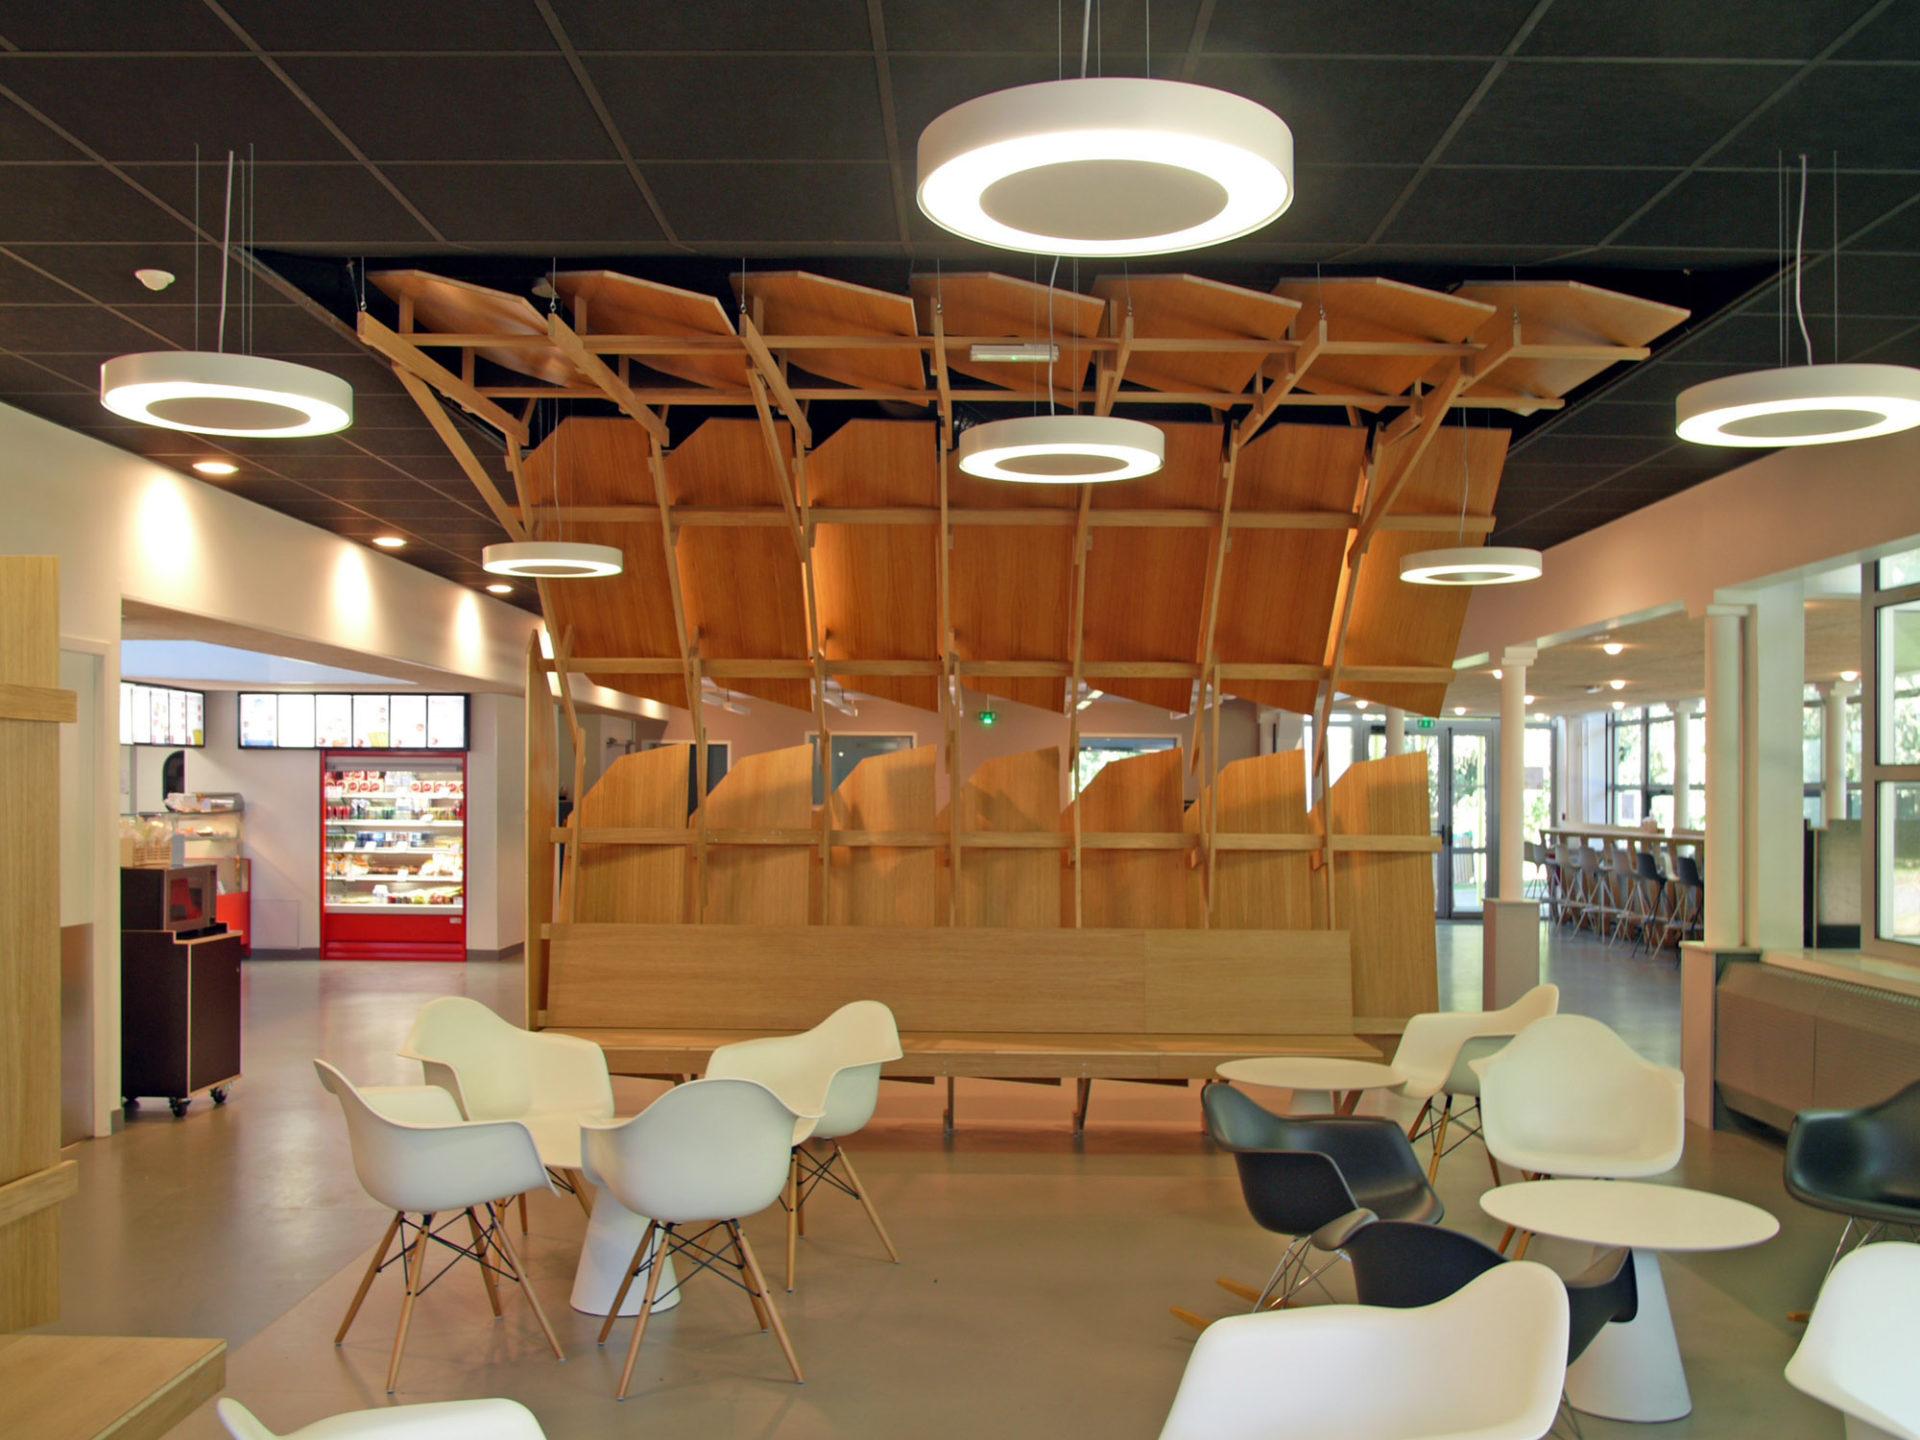 cr ation de mobiliers d agencements int rieurs pour le restaurant universitaire la lombarderie. Black Bedroom Furniture Sets. Home Design Ideas